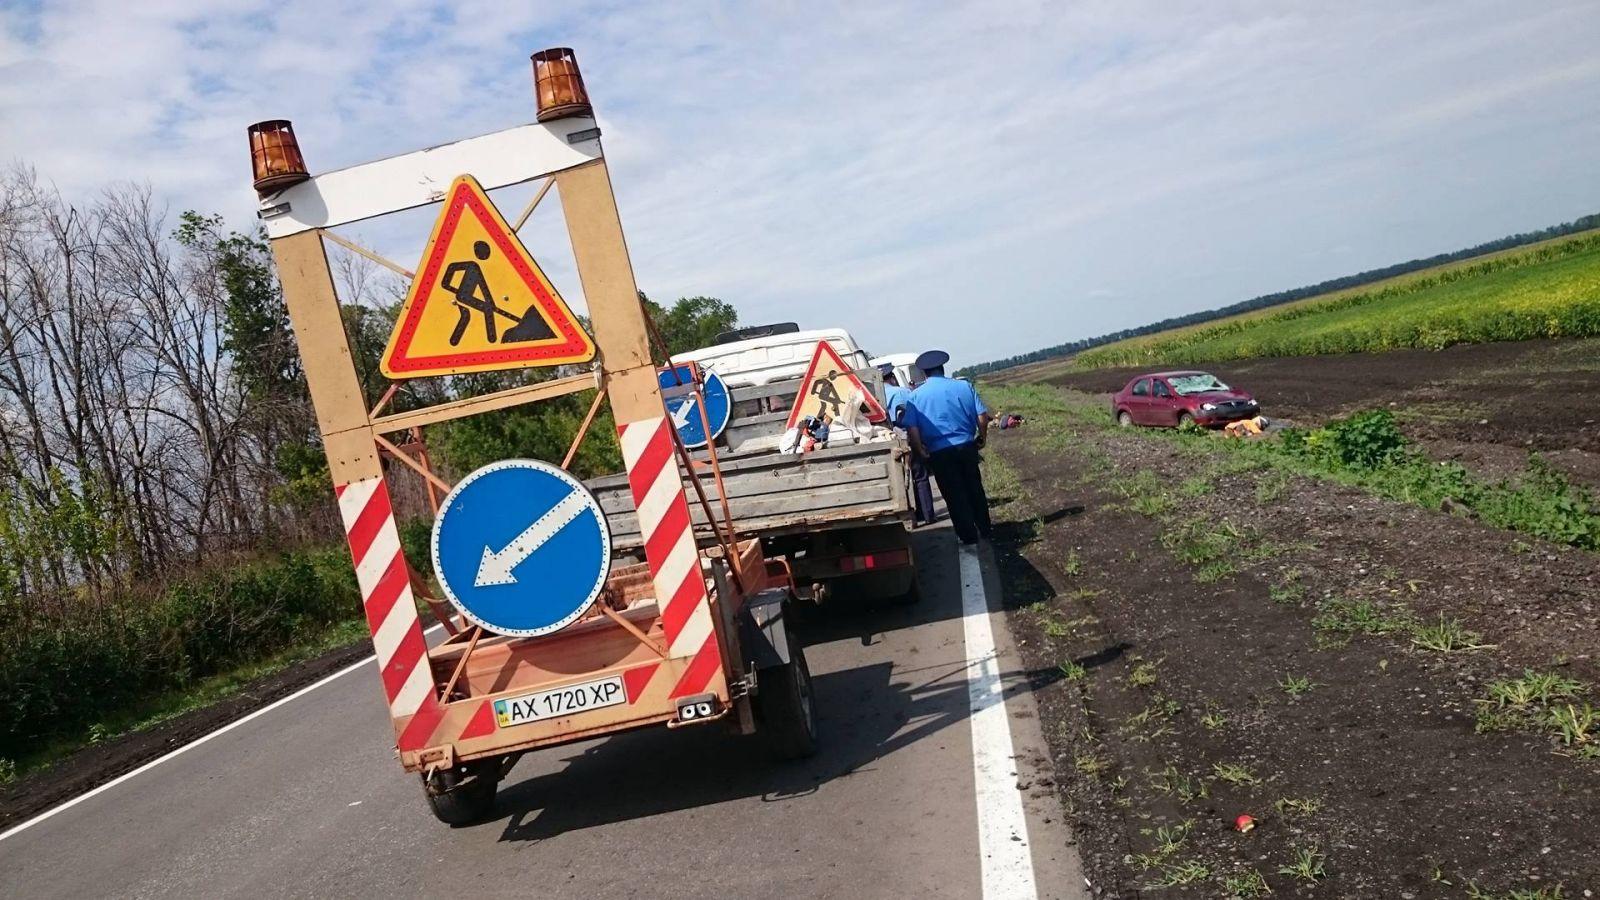 Опубліковані фото з місця кривавої аварії на Харківщині  - фото 1